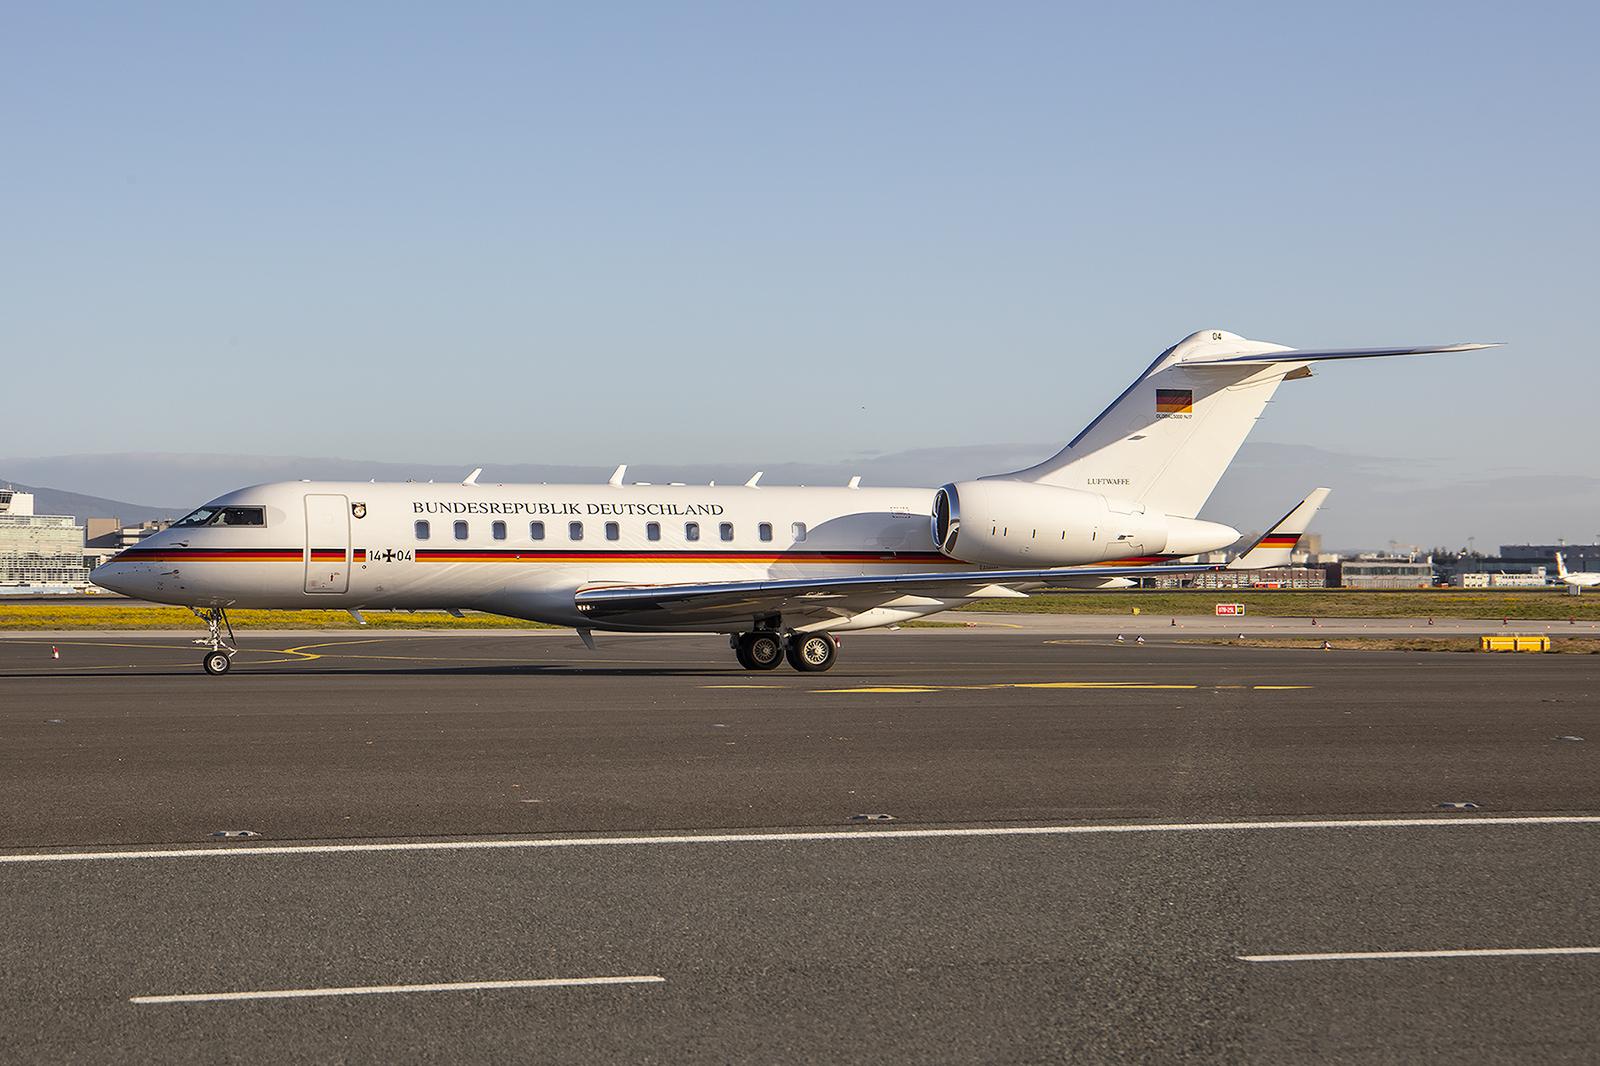 Einer der häufigen Regierungsflüge aus Berlin.